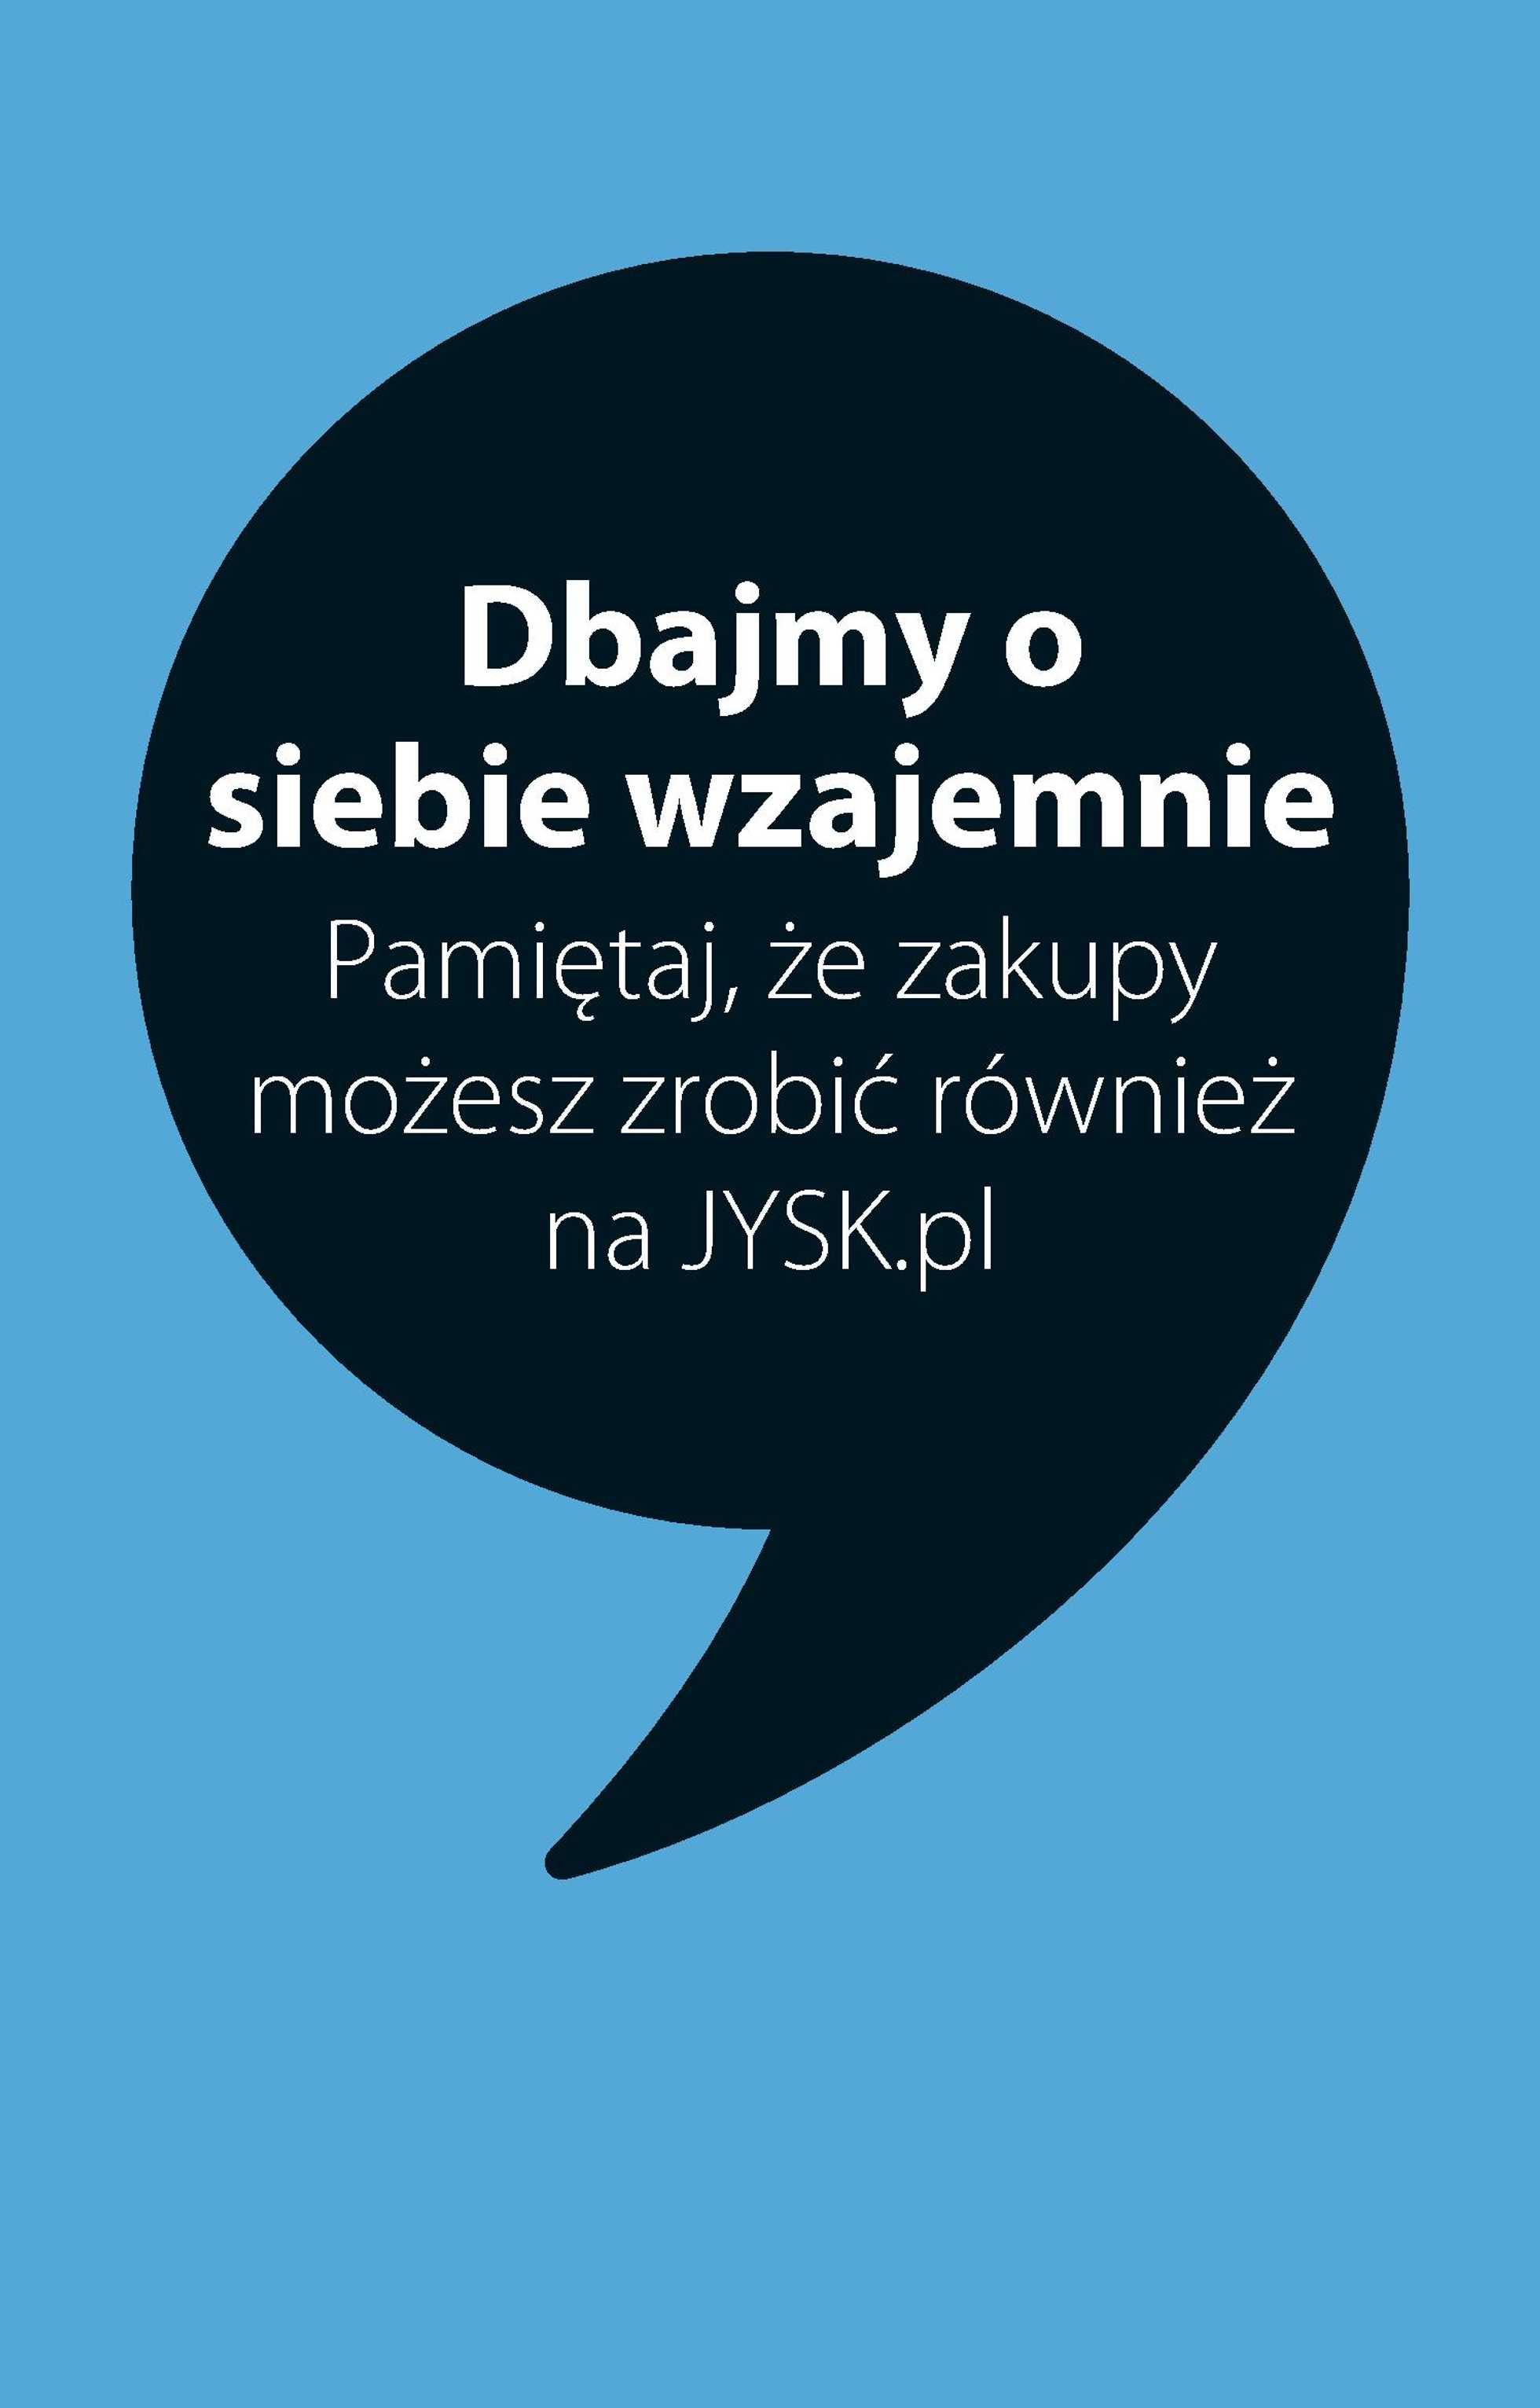 Jysk - gazetka promocyjna ważna od 03.03.2021 do 16.03.2021 - strona 1.